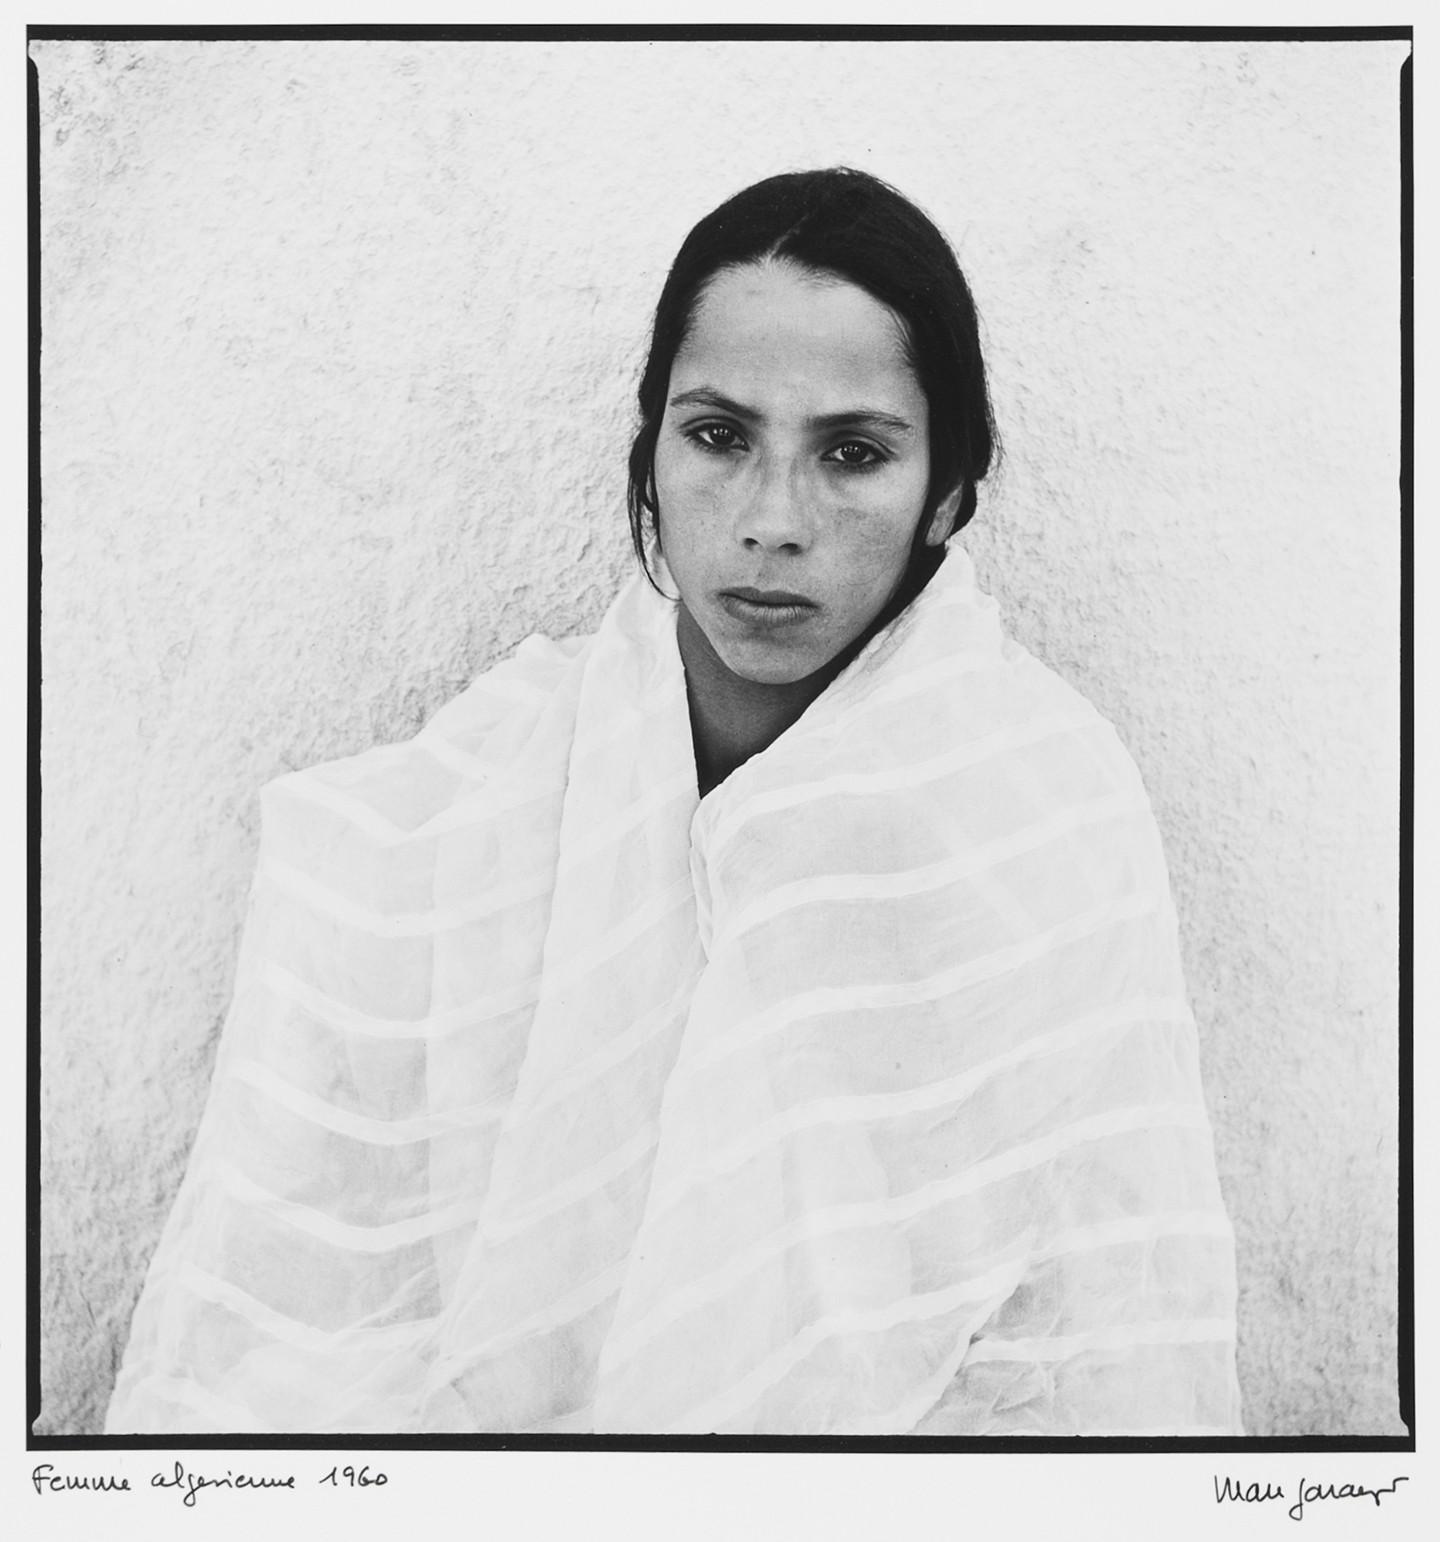 marc-garanger-1935-france-femme-algerienne-2-1960-275-x-268-cm